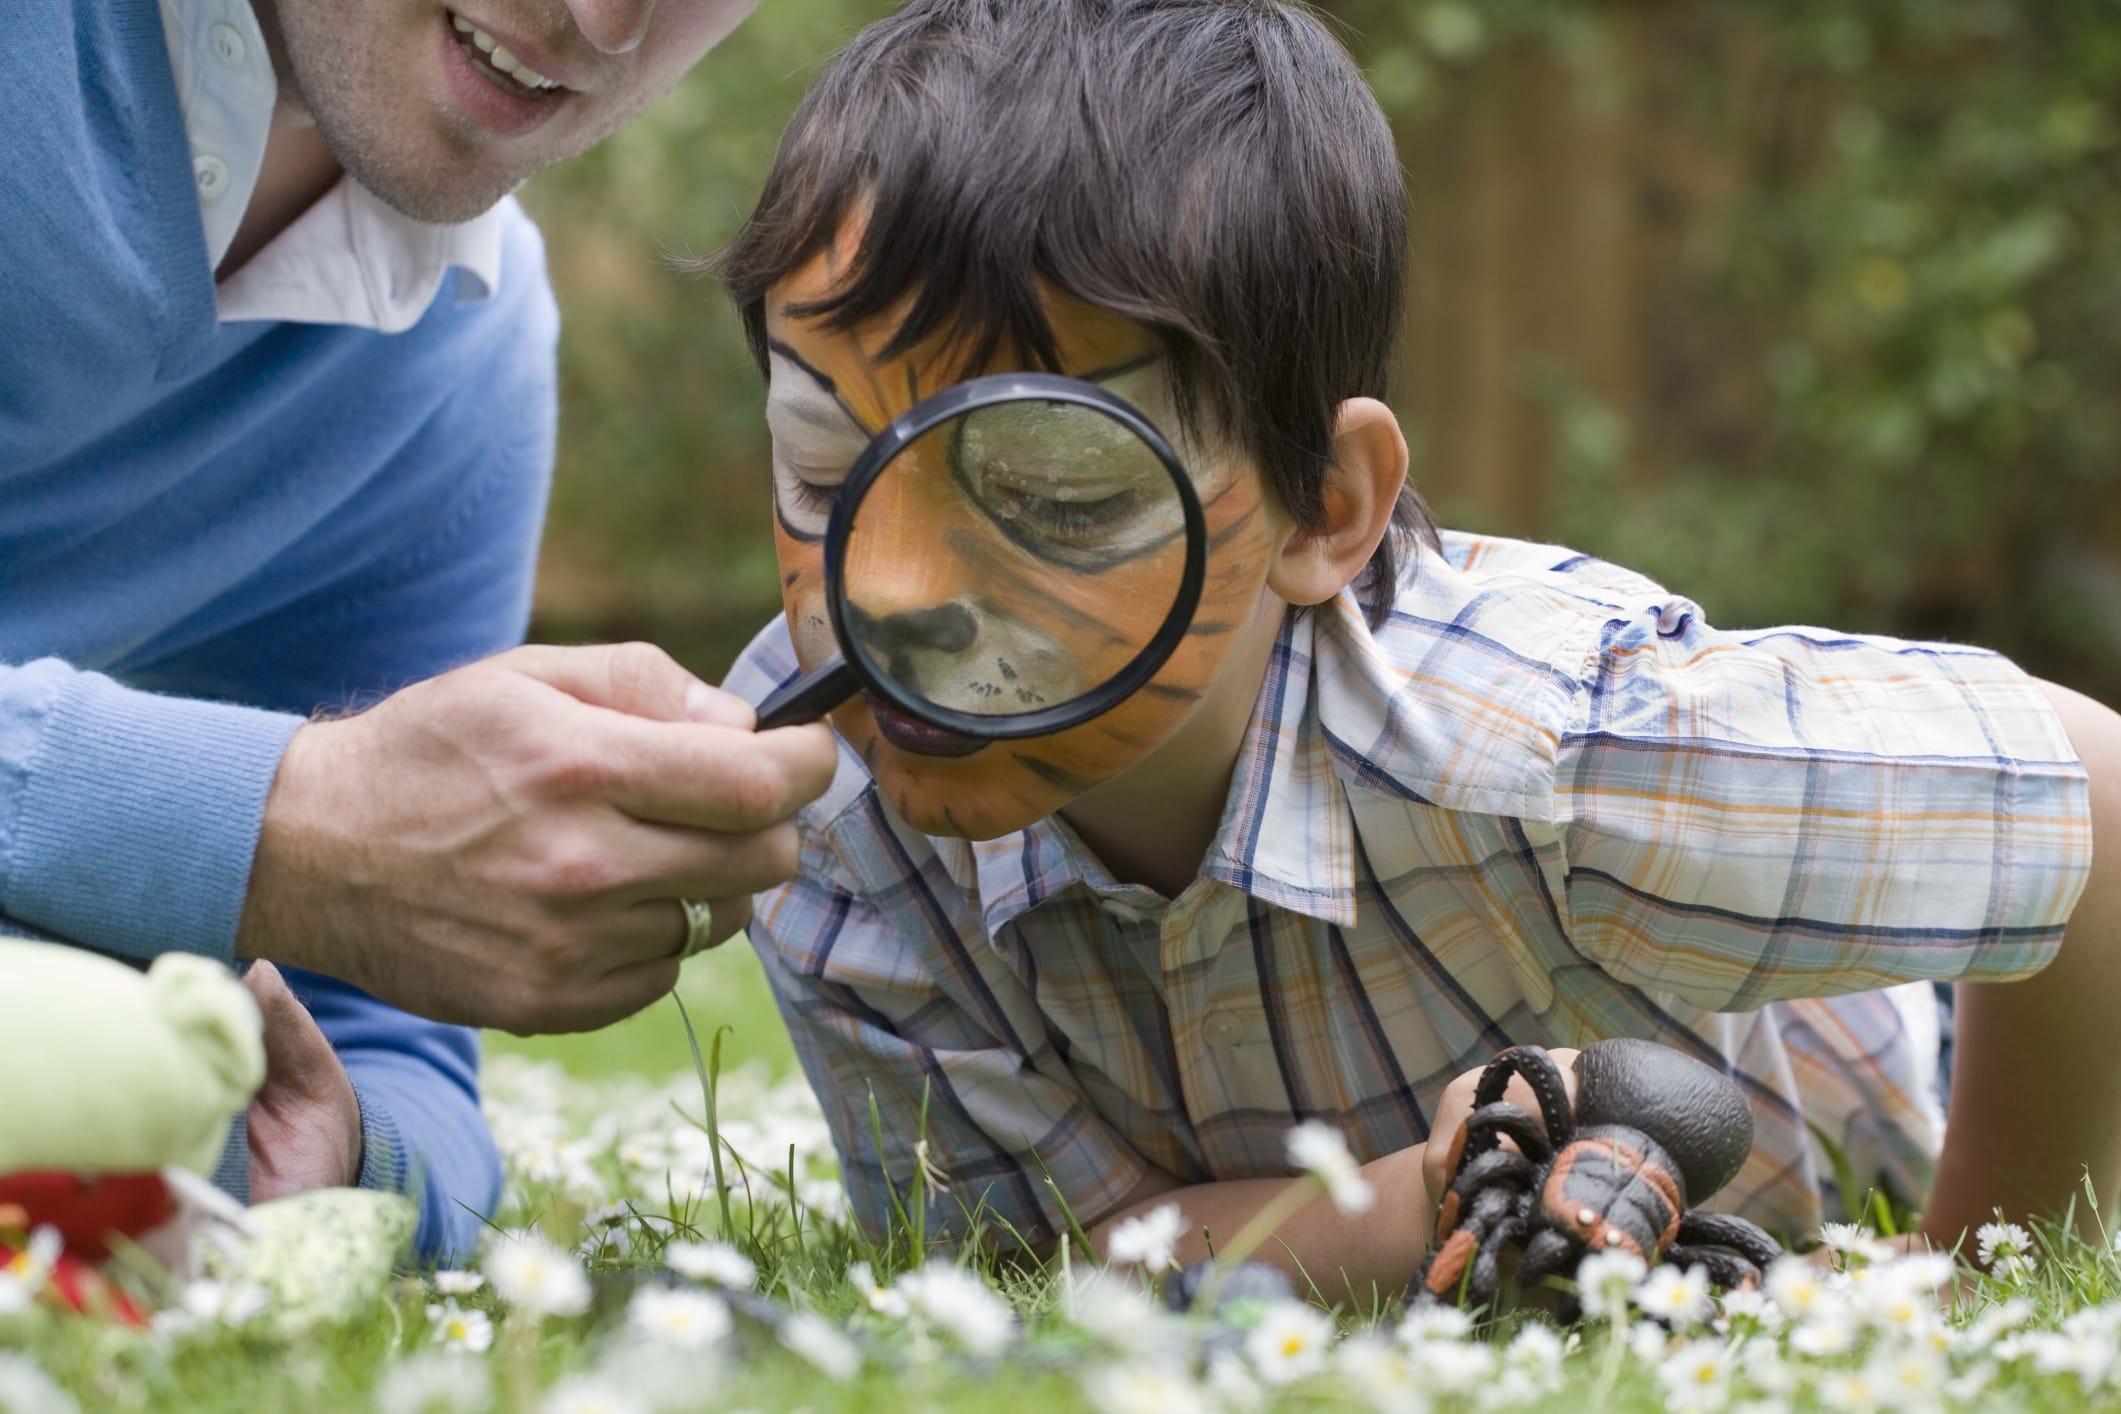 Giochi da fare in giardino per bambini non sprecare - Mobili per bambini divertenti ...